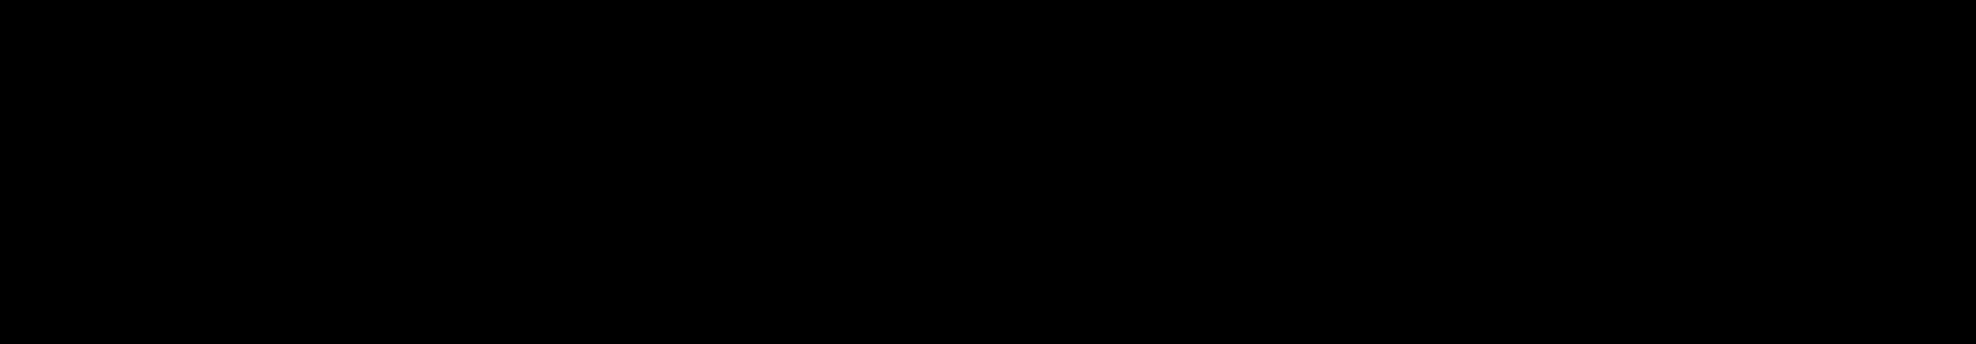 Задняя панель Shure Axient AD4Q AD4QE